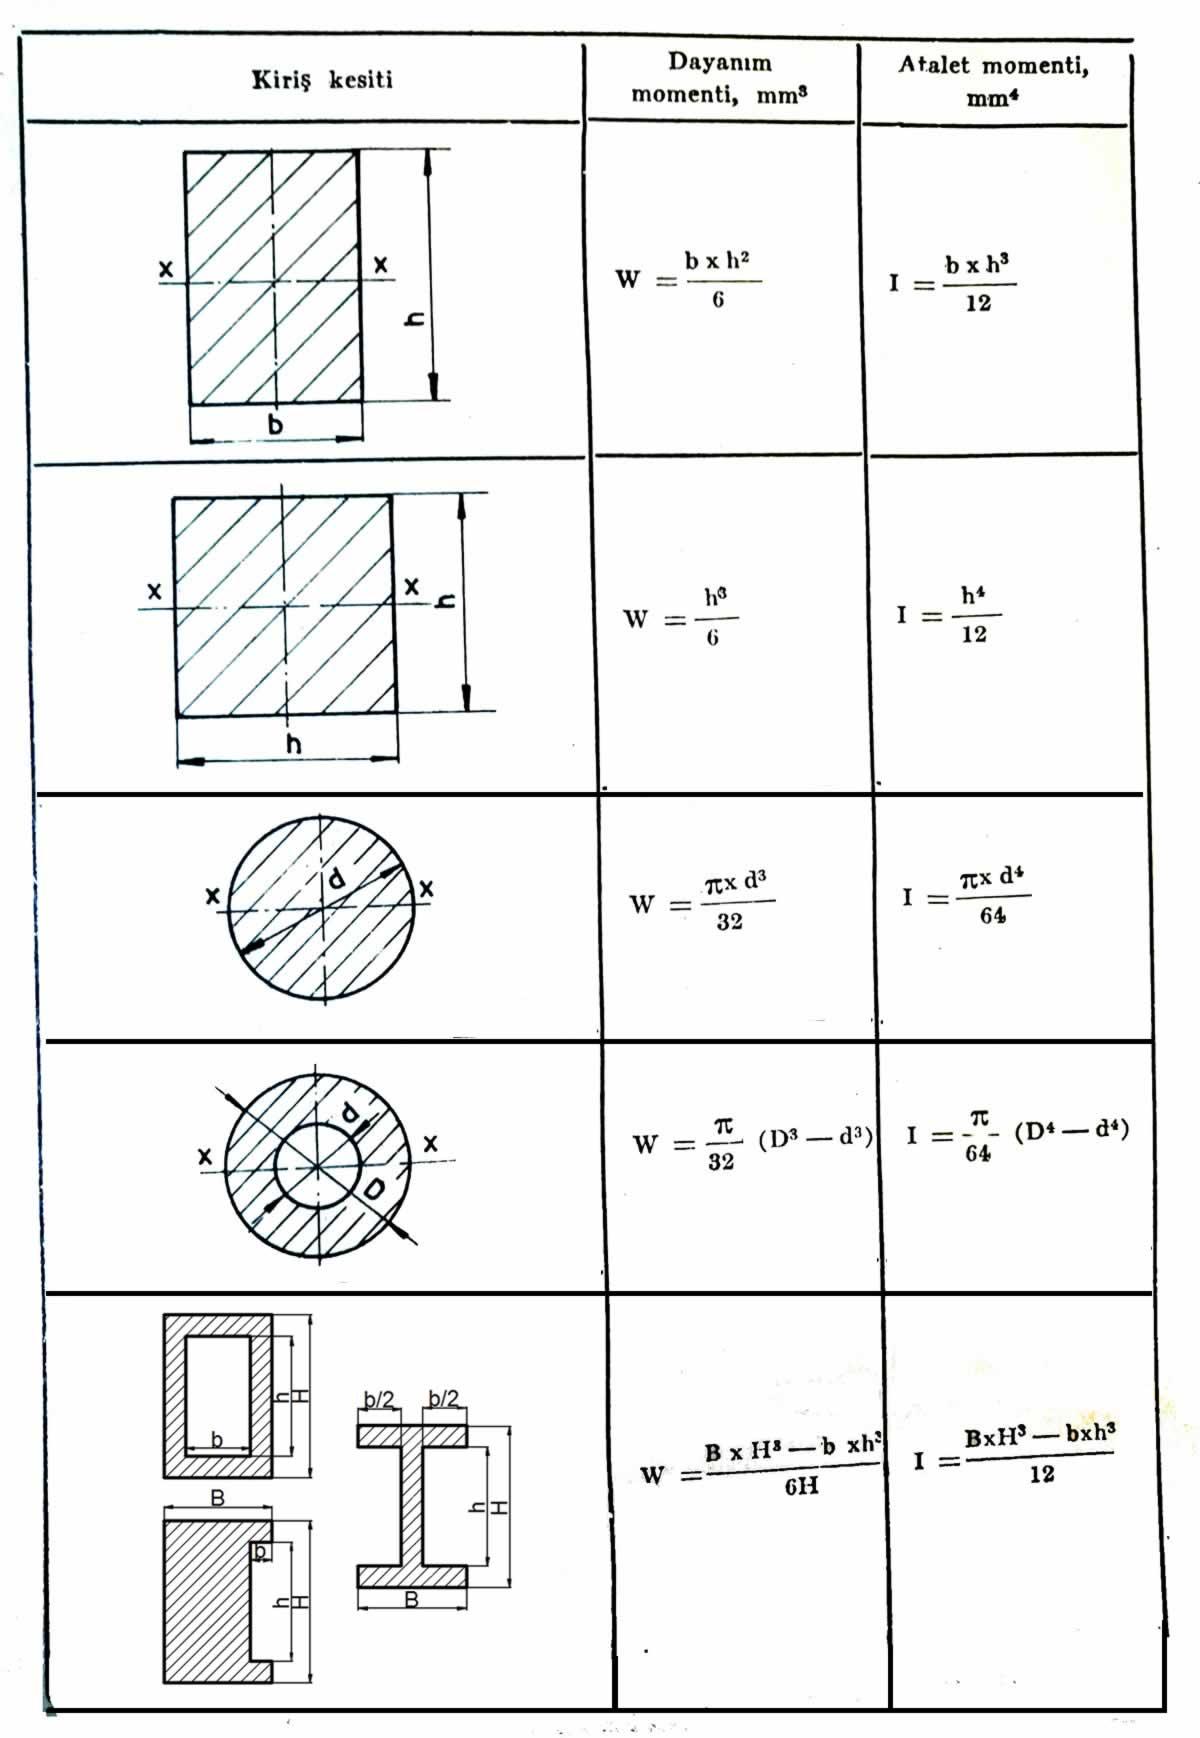 Bazı kirişlerin dayanım ve atalet momentleri hesabı ve formüller